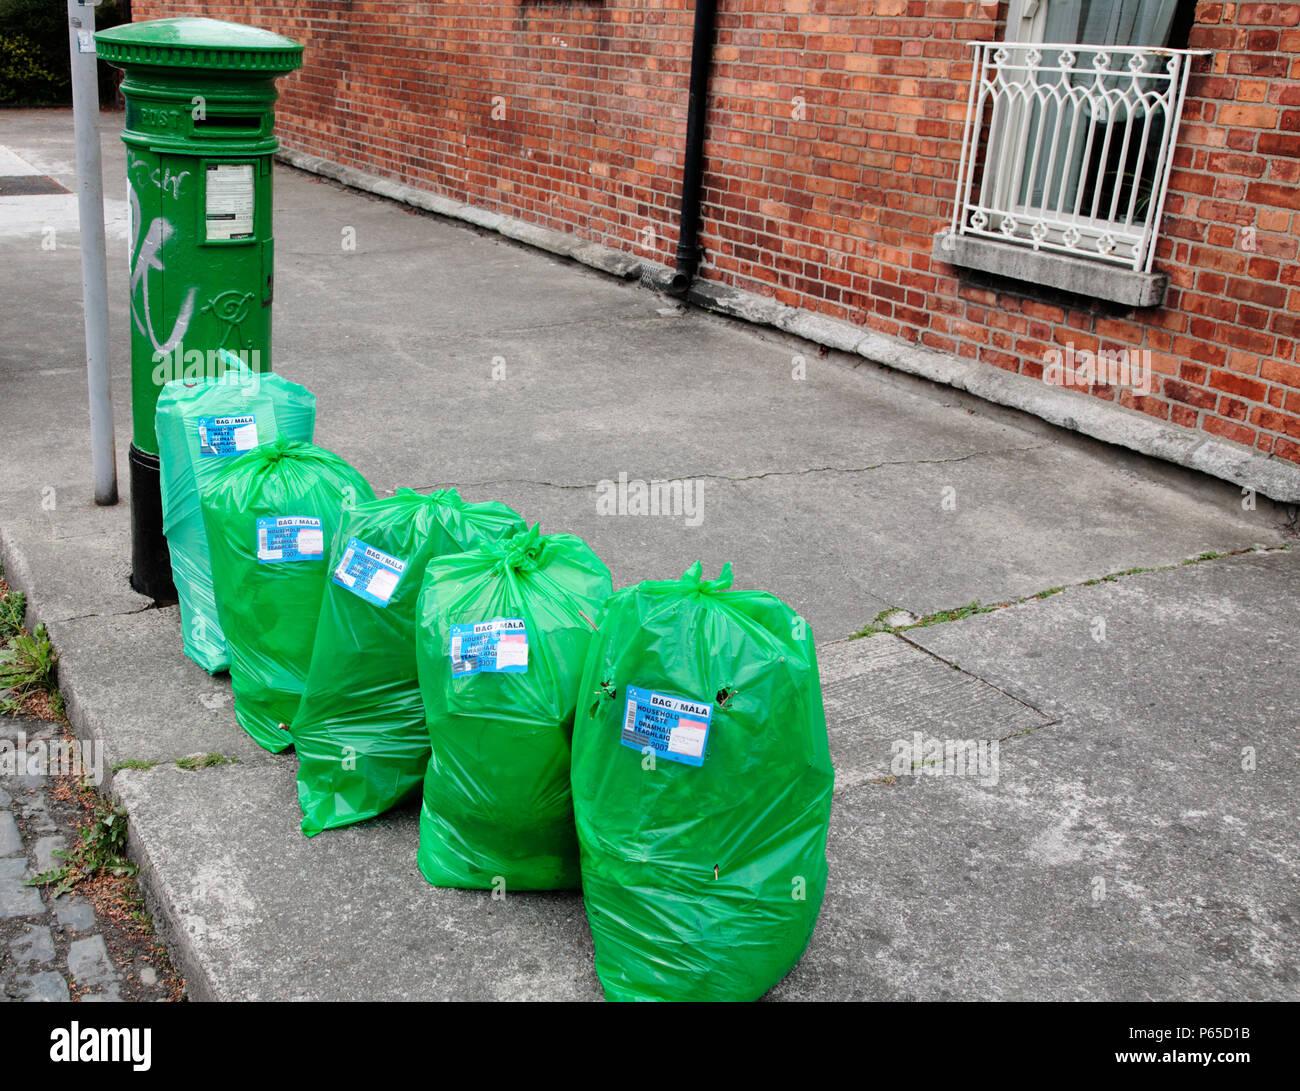 Sacchi per i rifiuti in attesa di raccolta, Dublino, Irlanda. La raccolta dei rifiuti è pagato con i tag che si acquista in anticipo e allegare al vassoio o rifiutare sa Immagini Stock